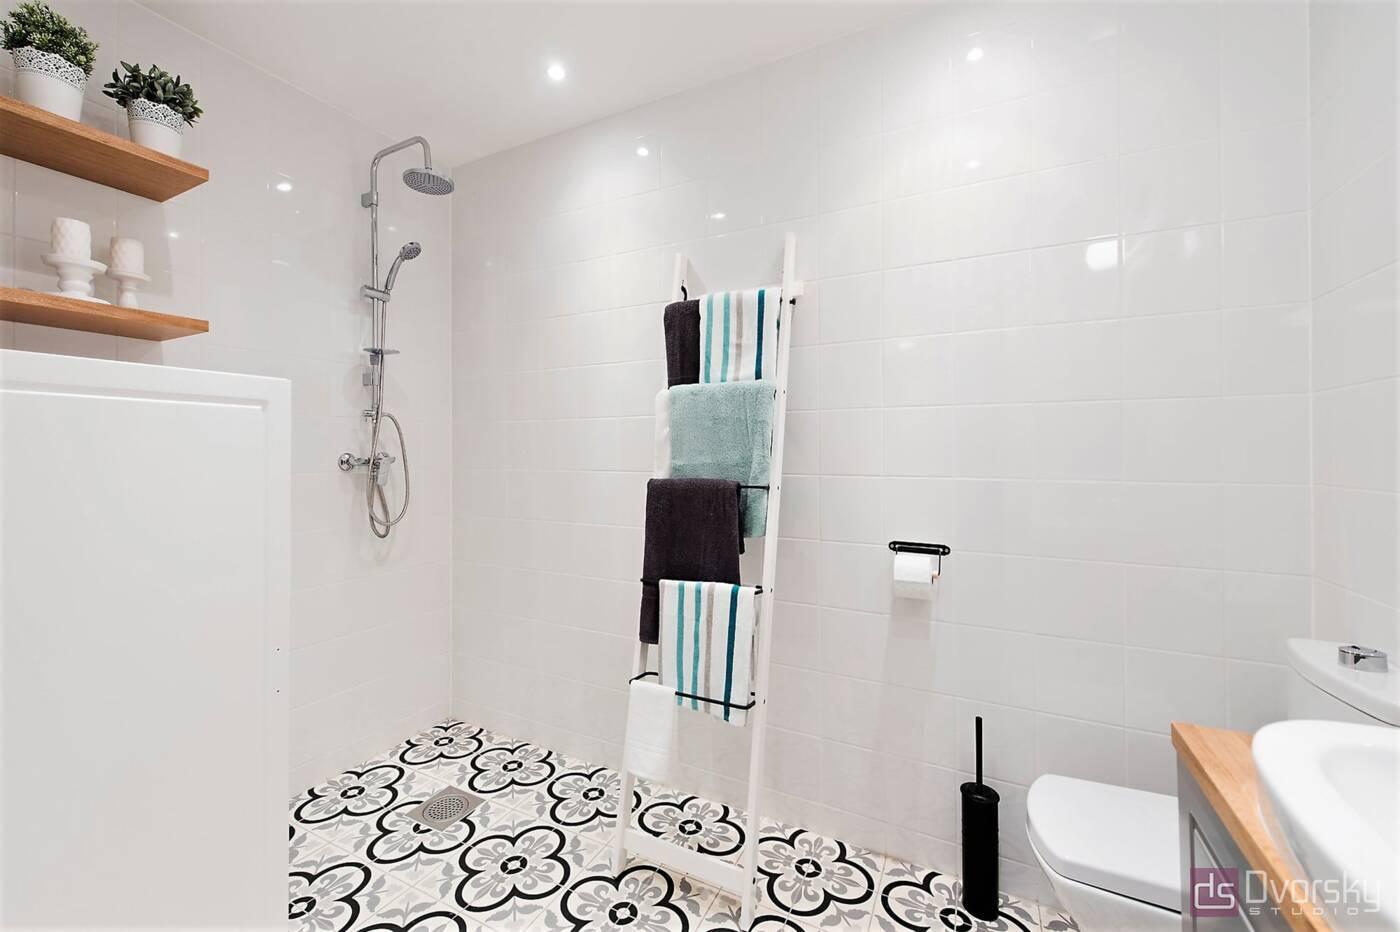 Мебель для ванной Вешалка для ванных полотенец - Фото № 1